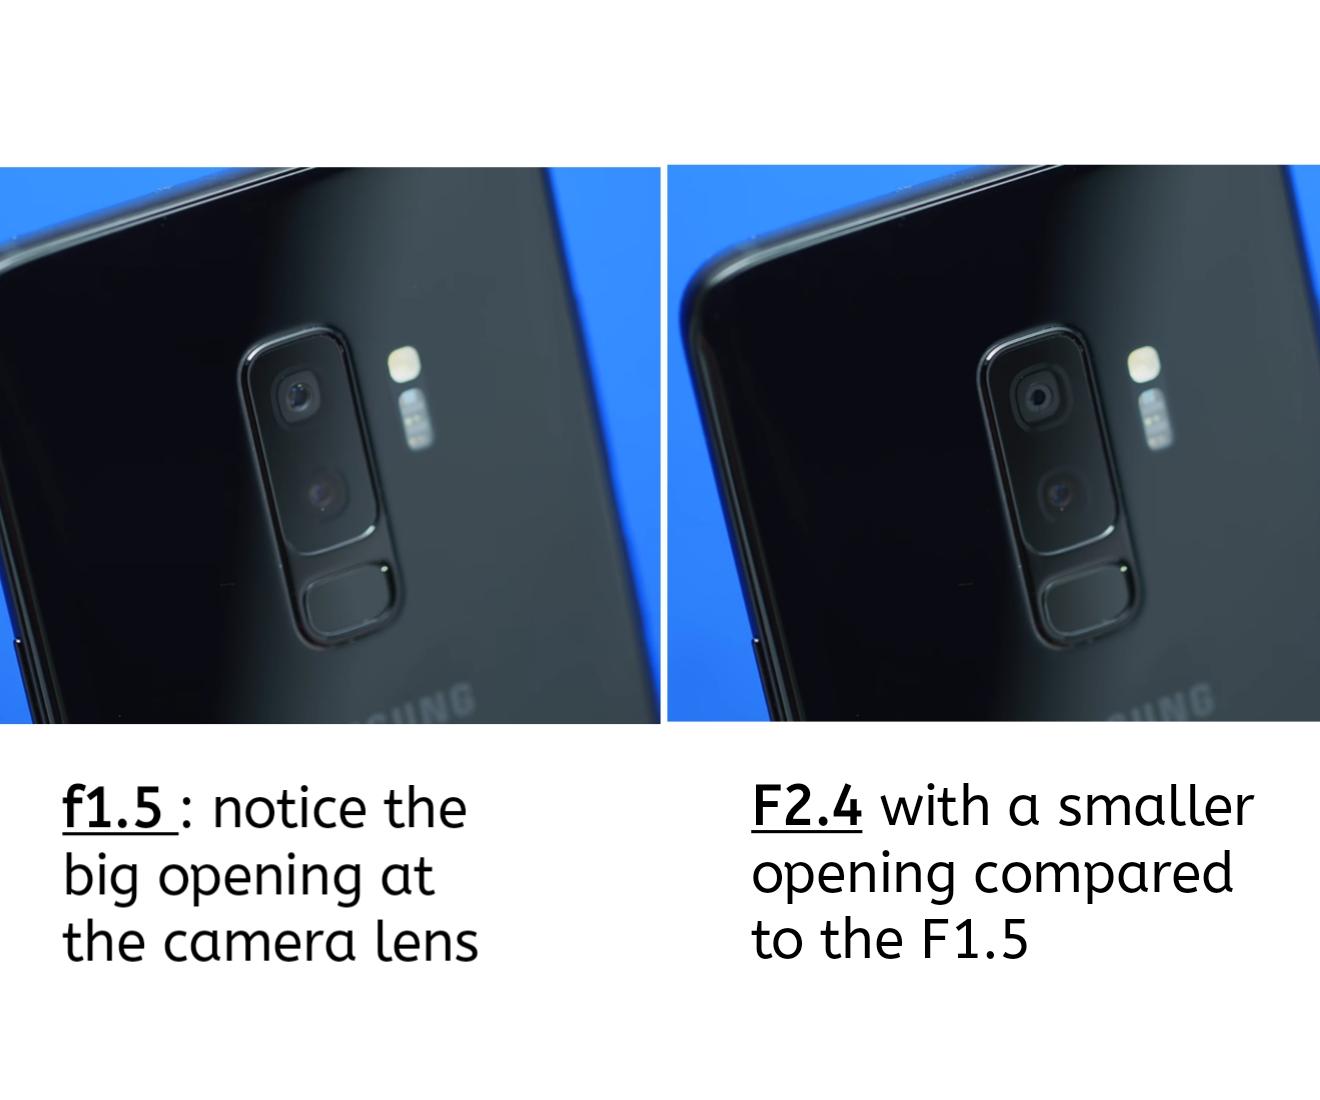 The f1.5 and f2.4 aperture comparison